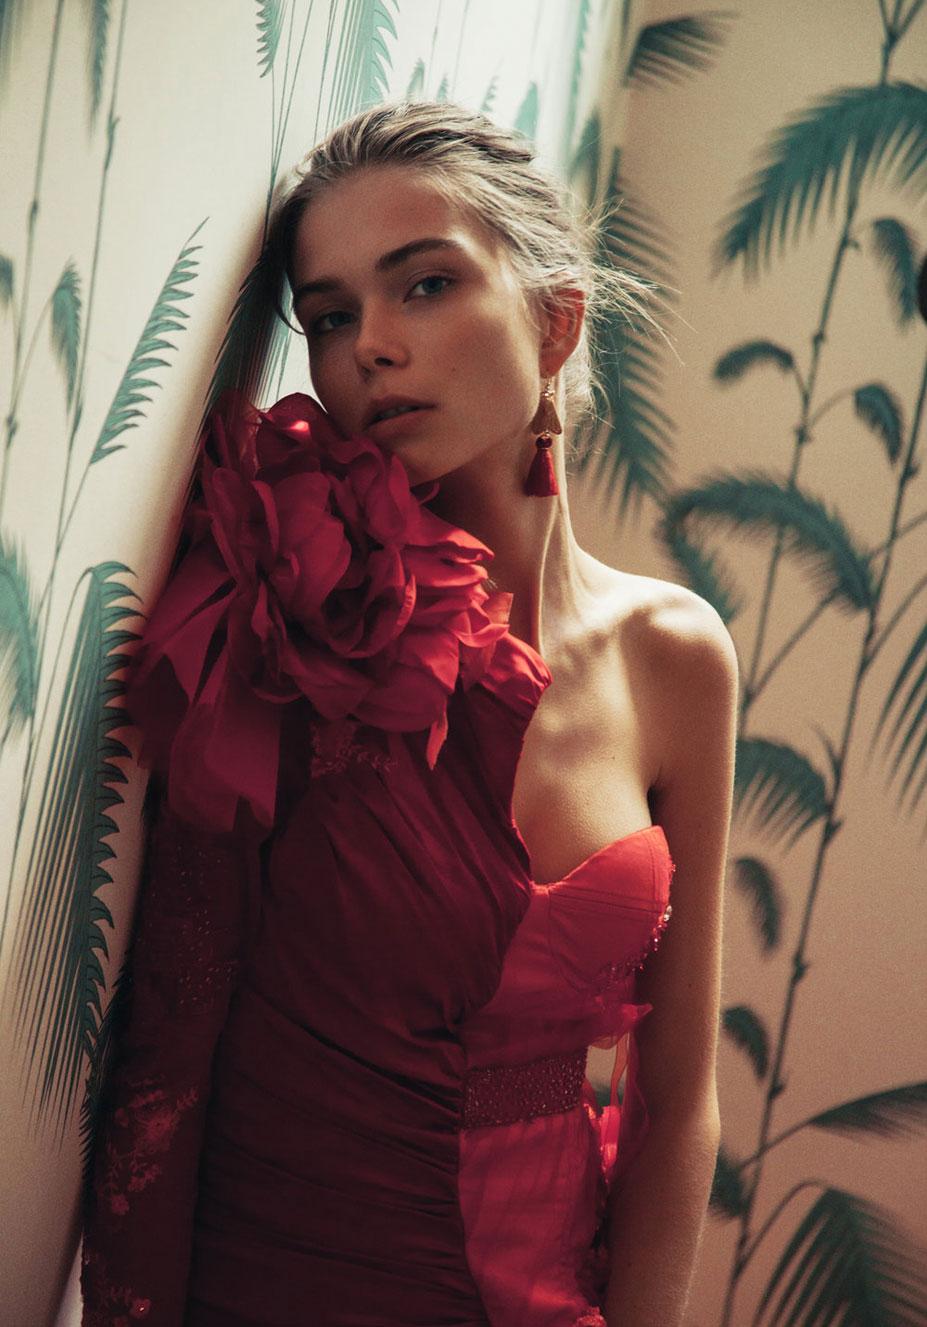 Анна Штольц тестирует модную одежду / фото 09